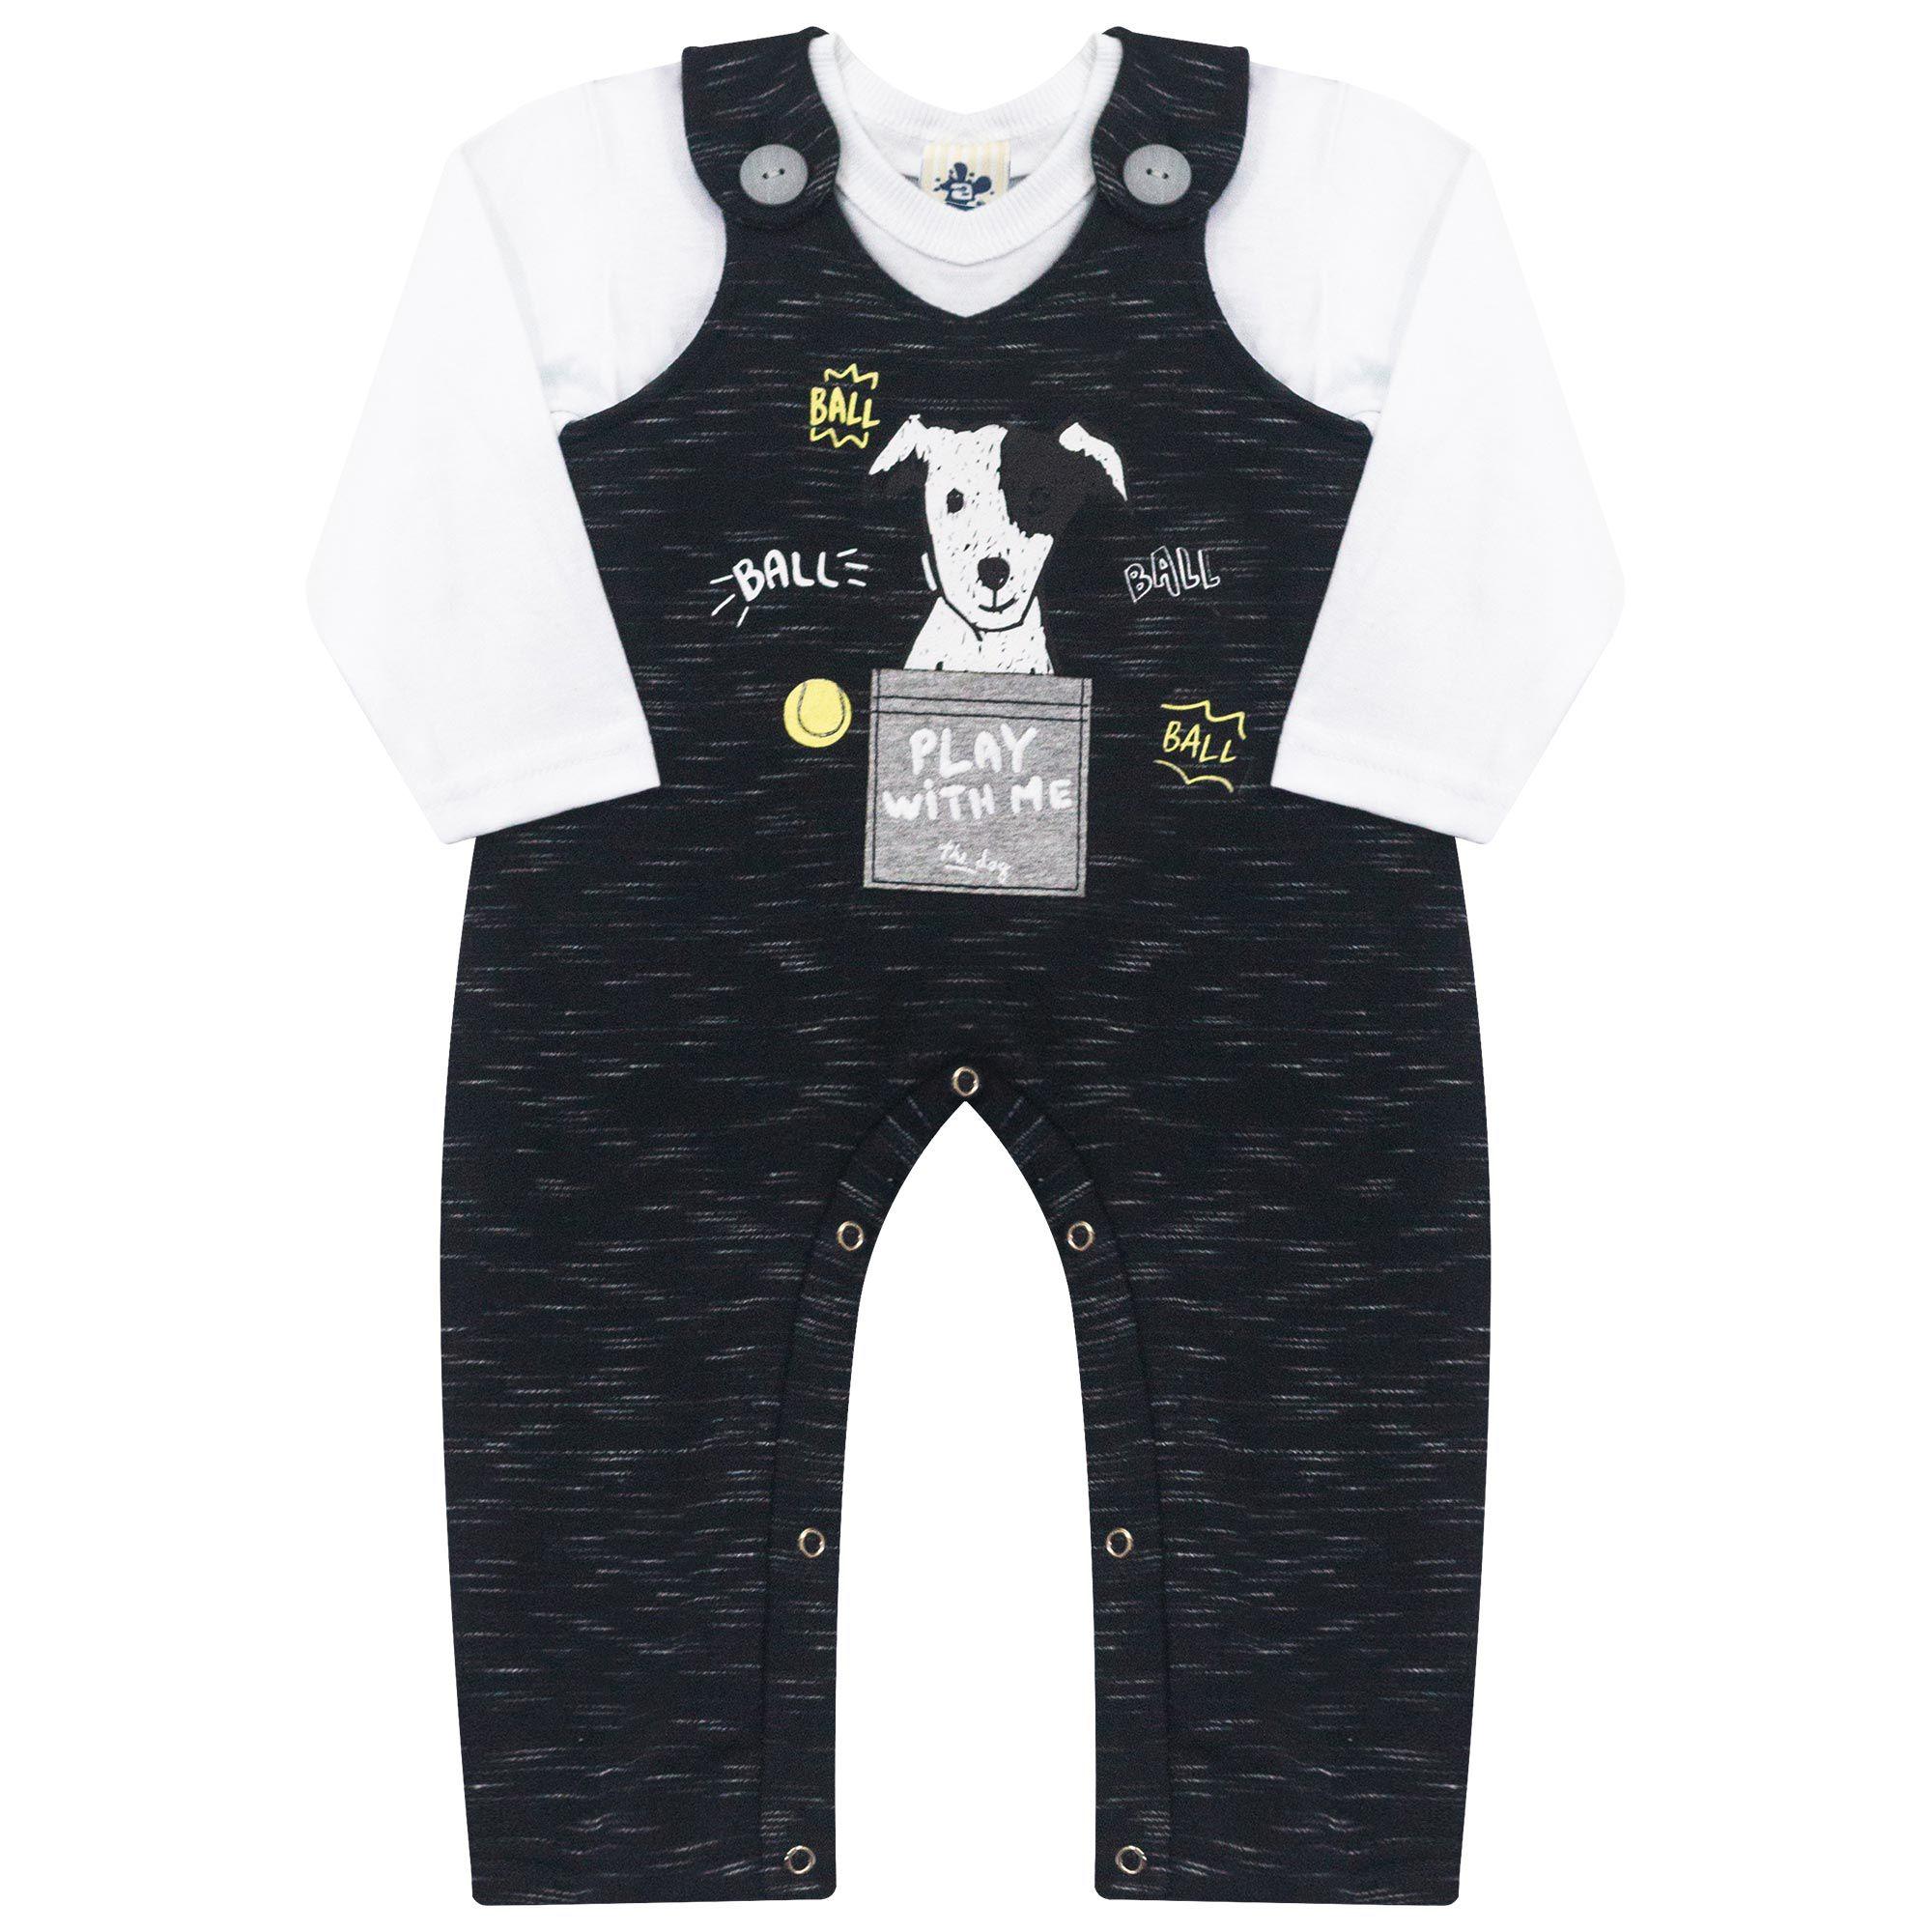 Conjunto Infantil Jardineira para Bebê 2 peças - Ref 4949 - Branco/Preto